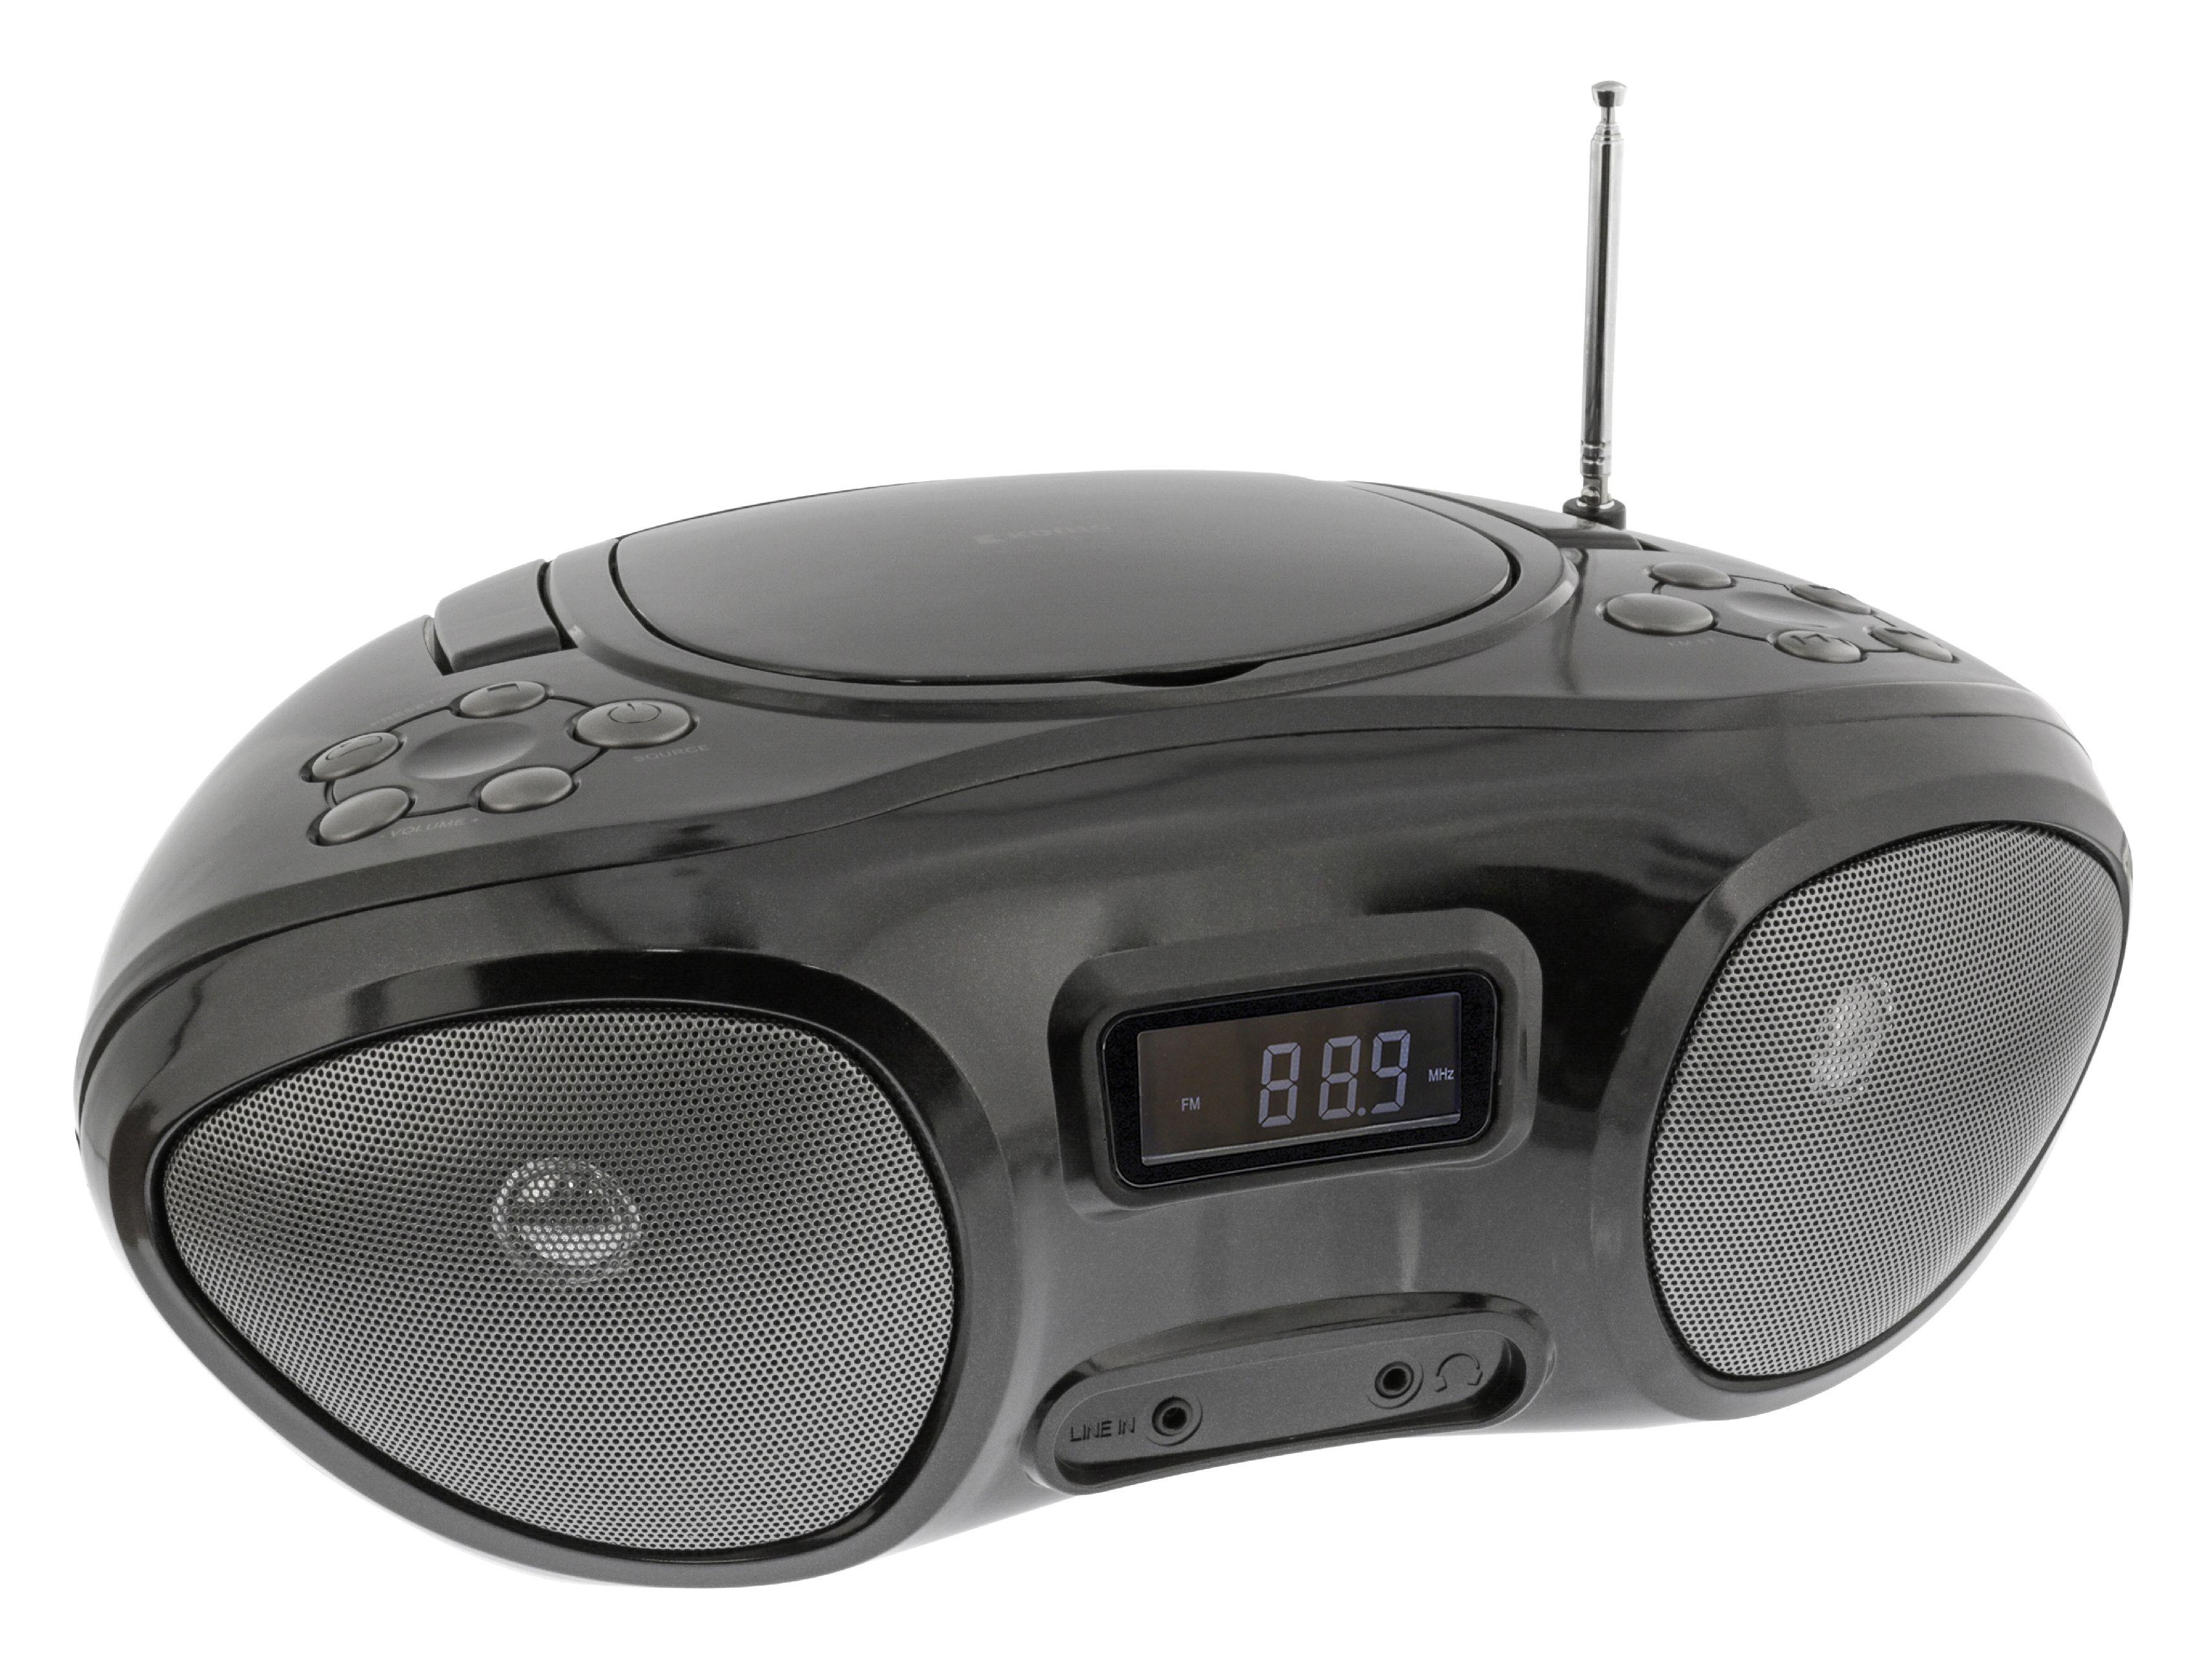 Přenosný CD přehrávač AUX / CD / MP3 CD / rádio, König HAV-BB100BL